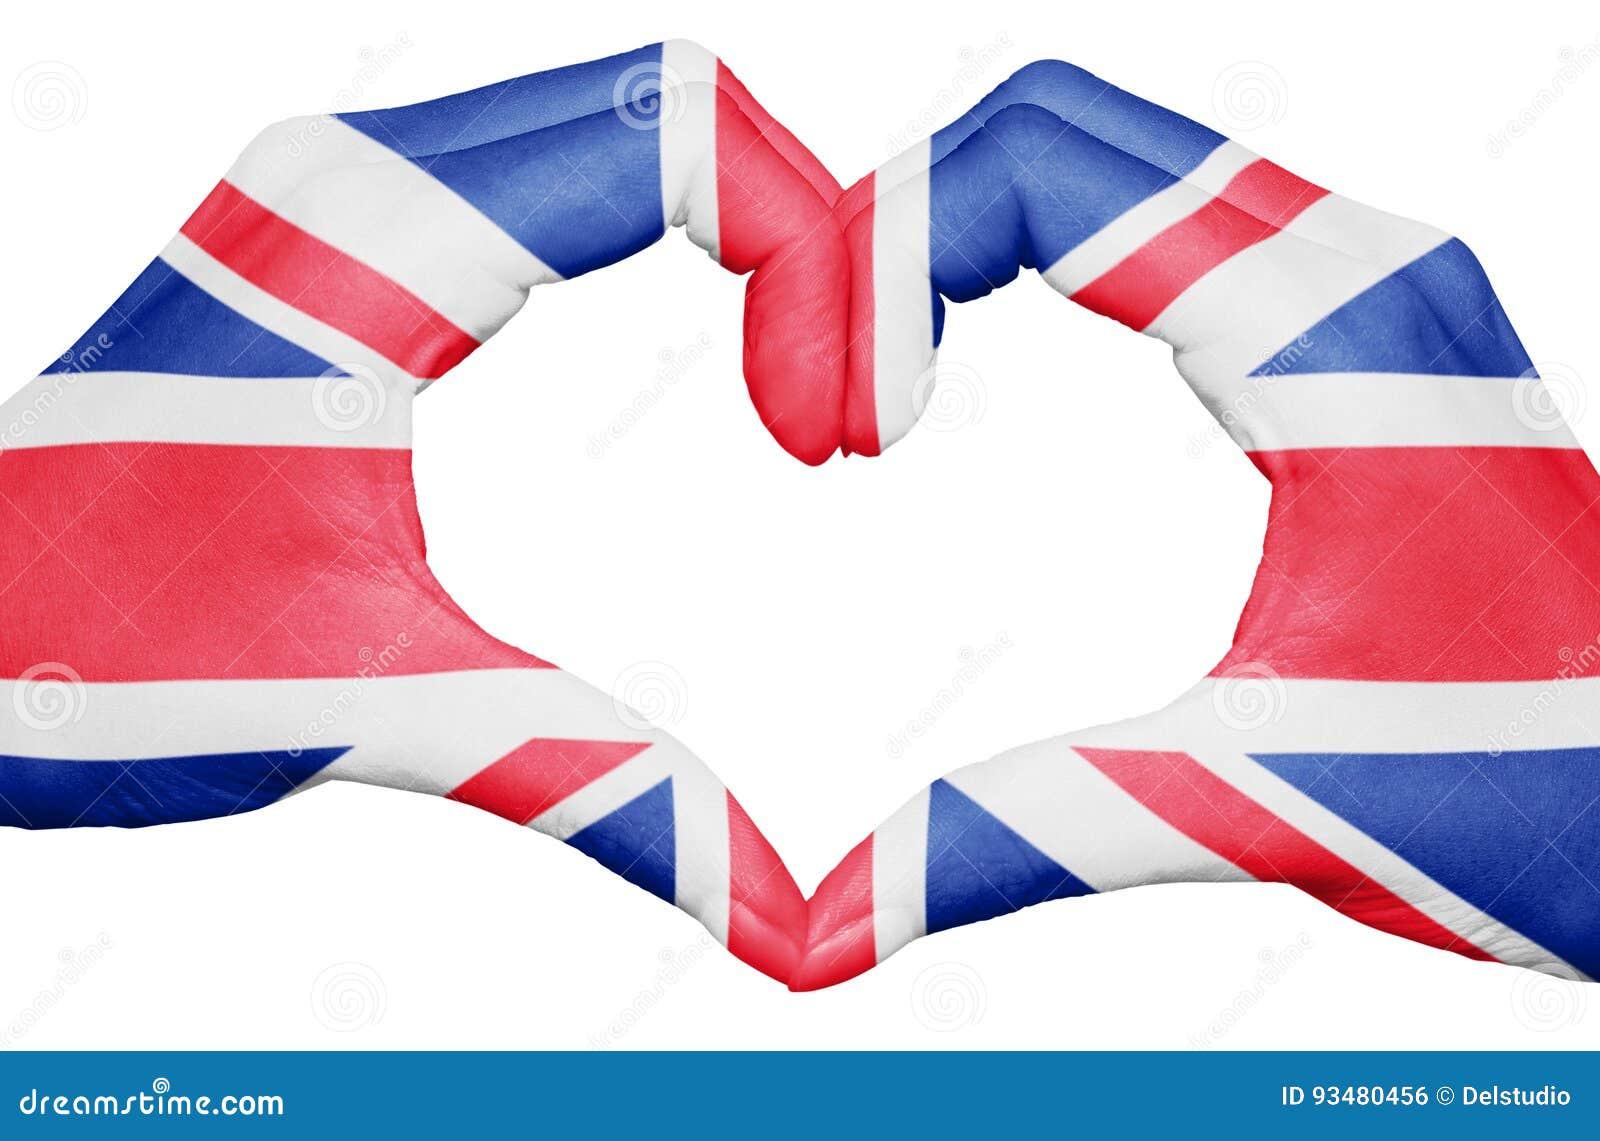 Bandeira de Reino Unido pintada nas mãos que formam um coração isolado no fundo branco, no nacional BRITÂNICO e no conceito do pa